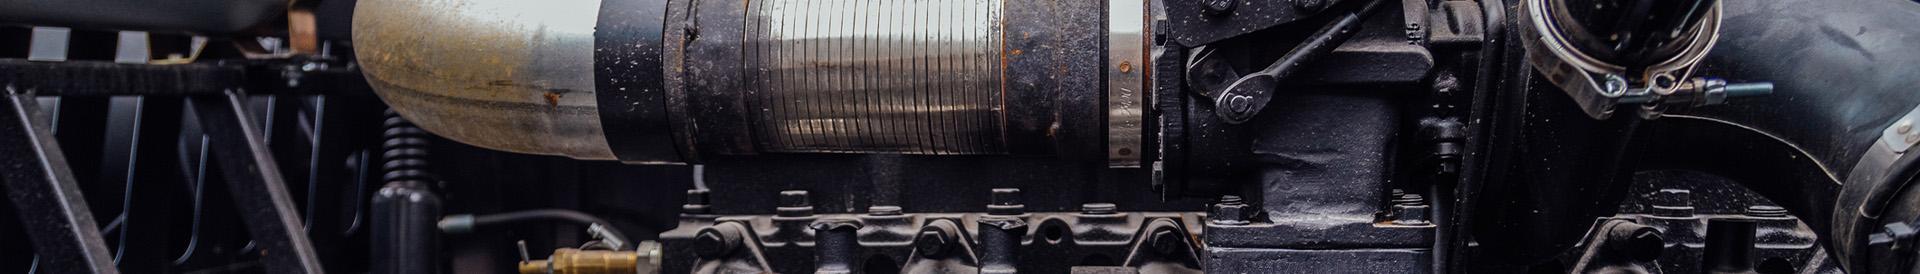 Silnik maszyny rolniczej